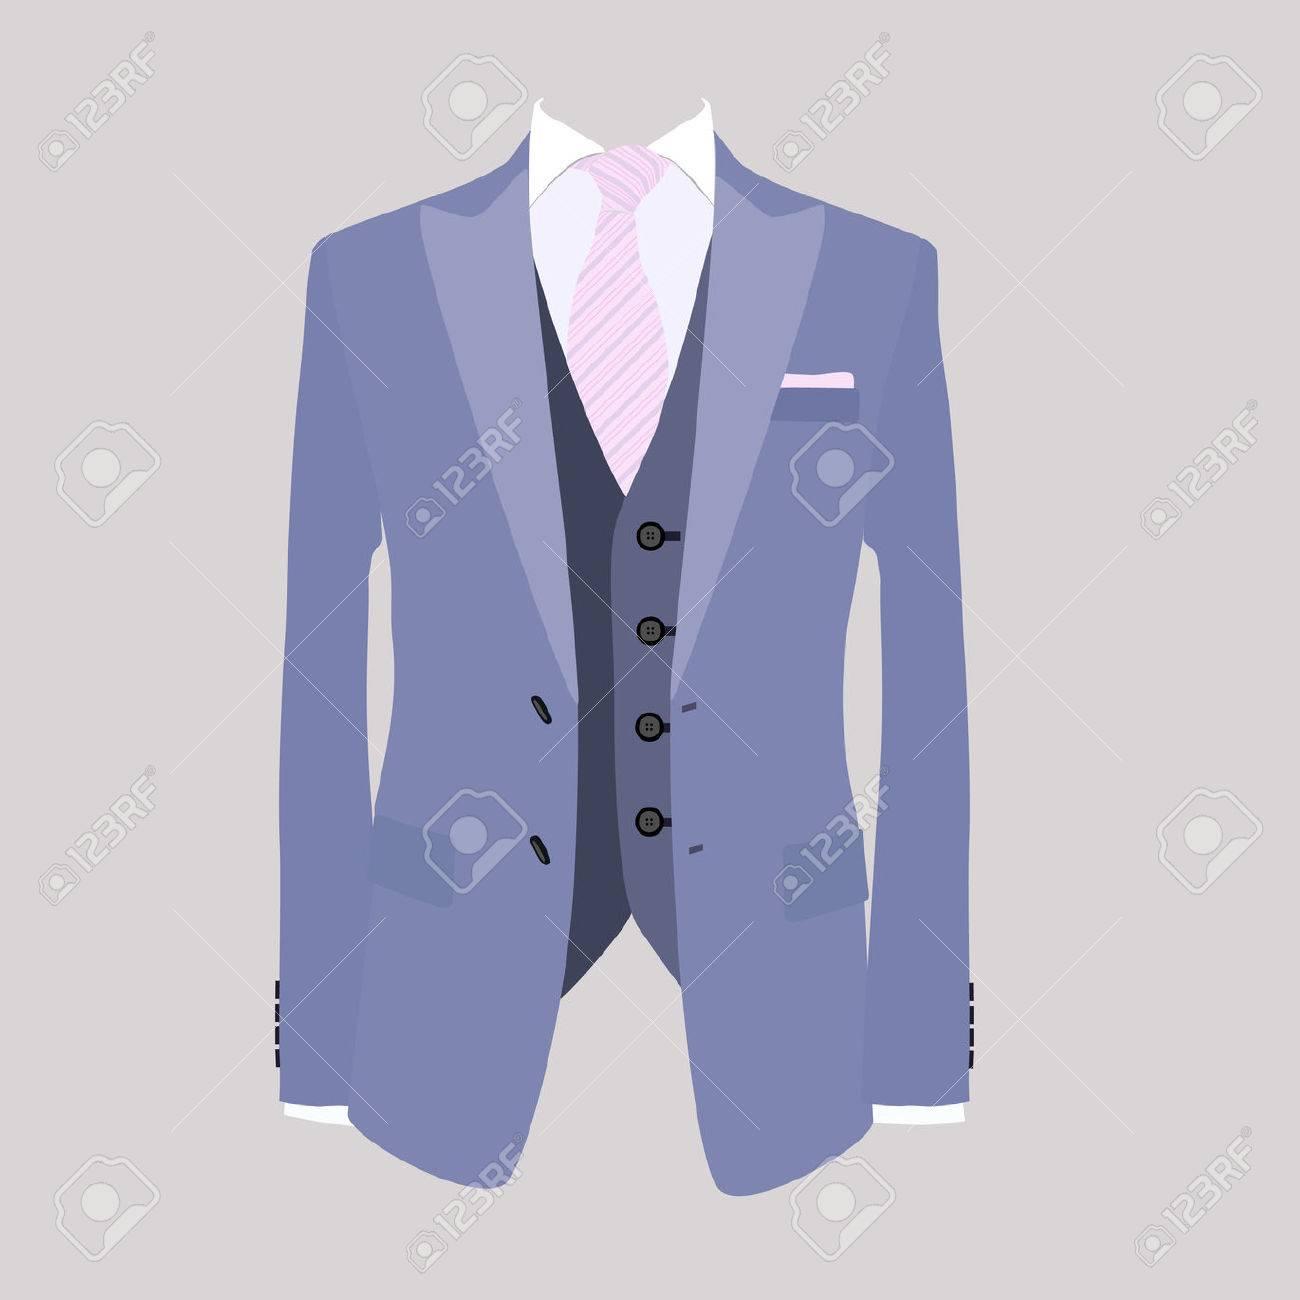 Illustration of man suit, tie, business suit, business, mens suit, man in suit - 50452707